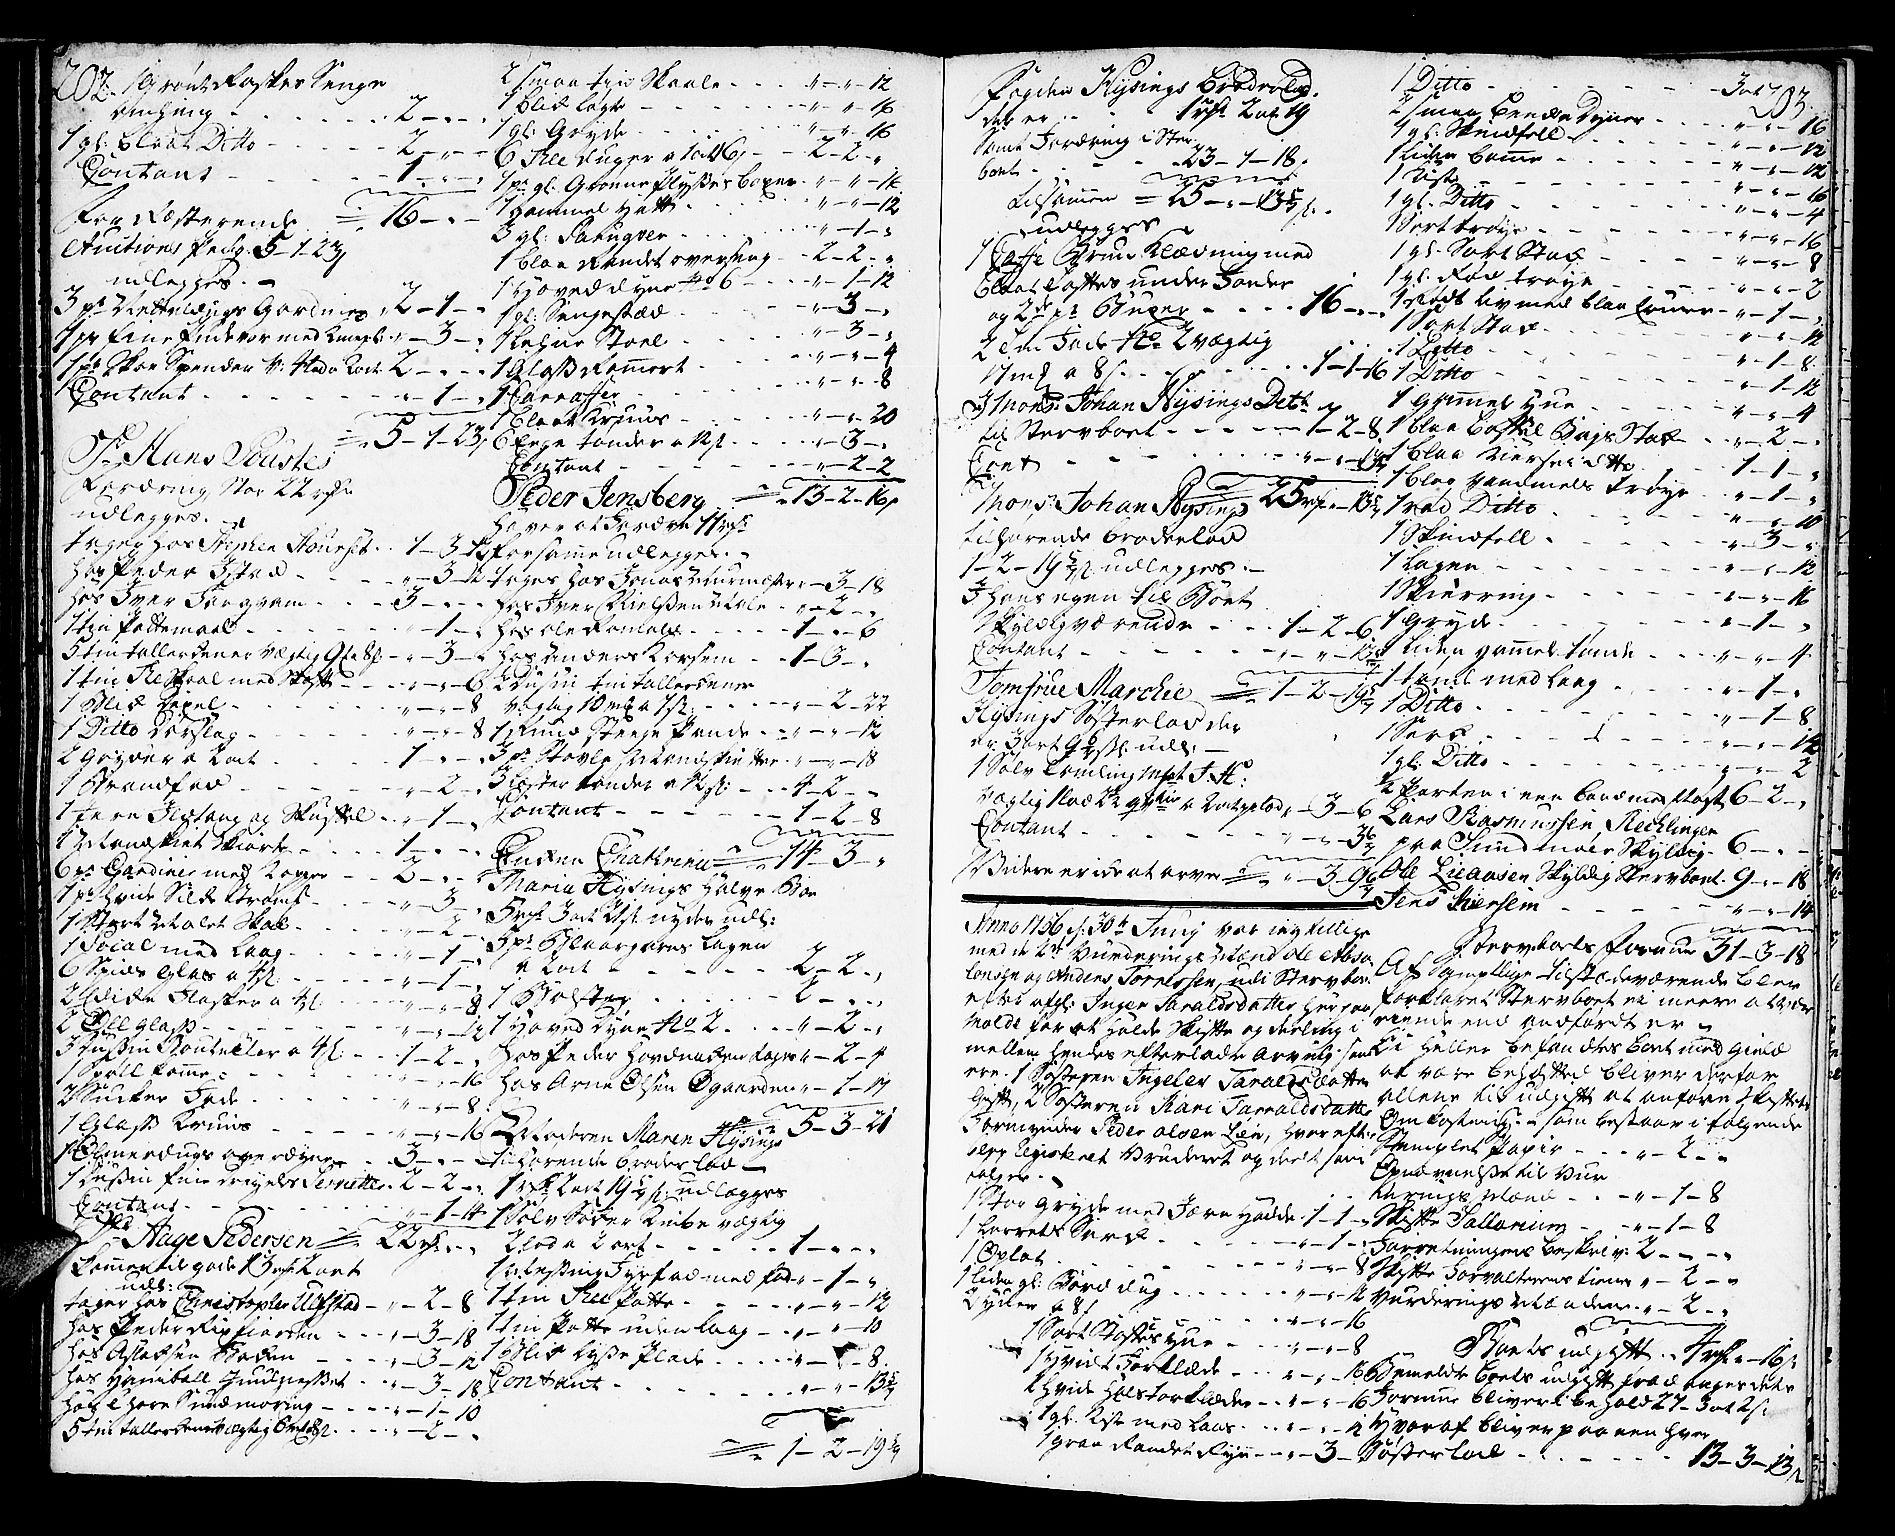 SAT, Molde byfogd, 3Aa/L0001: Skifteprotokoll, 1748-1768, p. 202-203